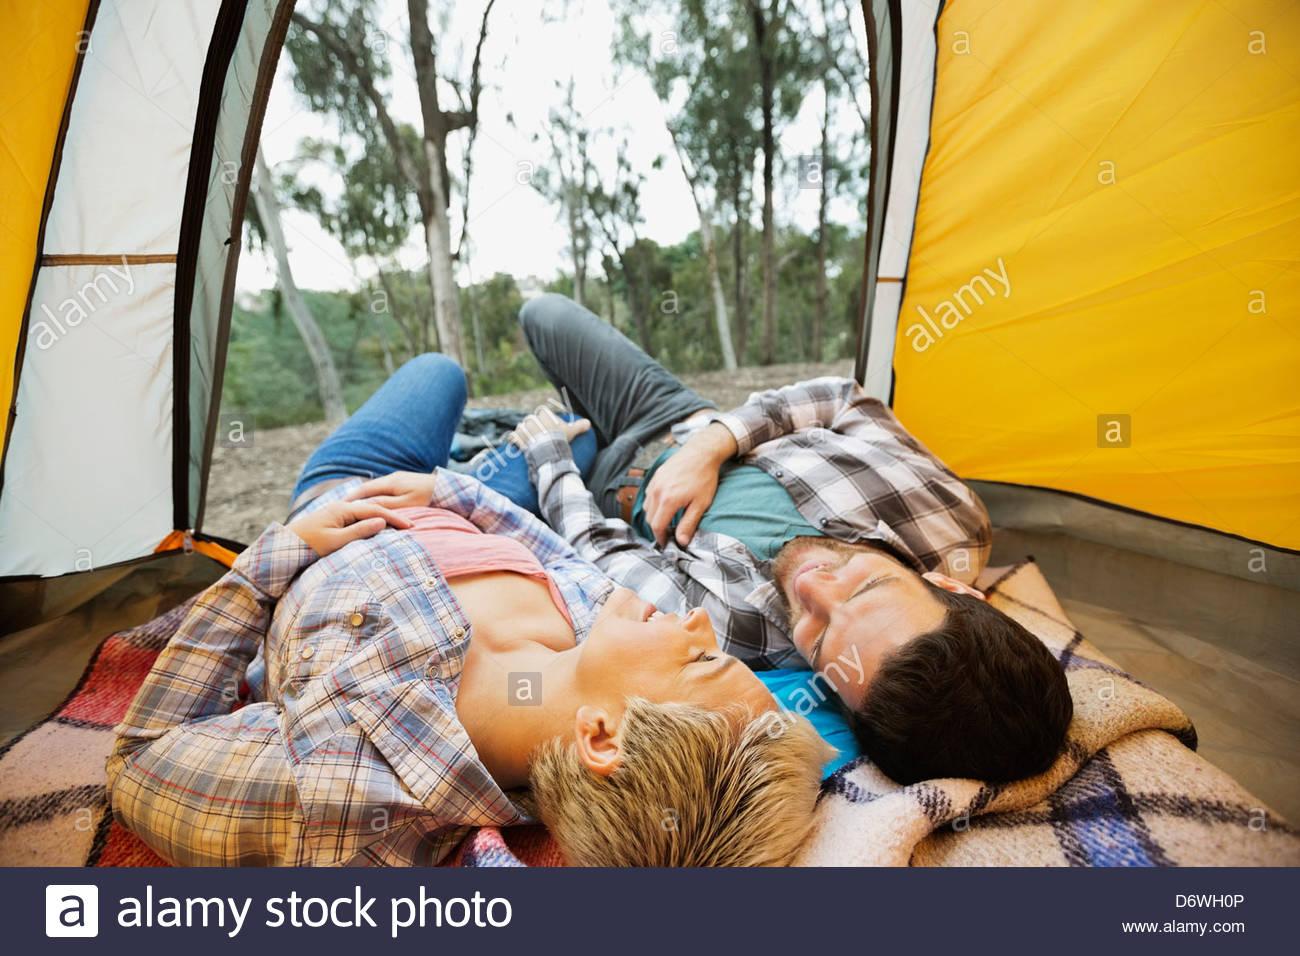 Glückliches Paar zusammen im Zelt liegend Stockbild